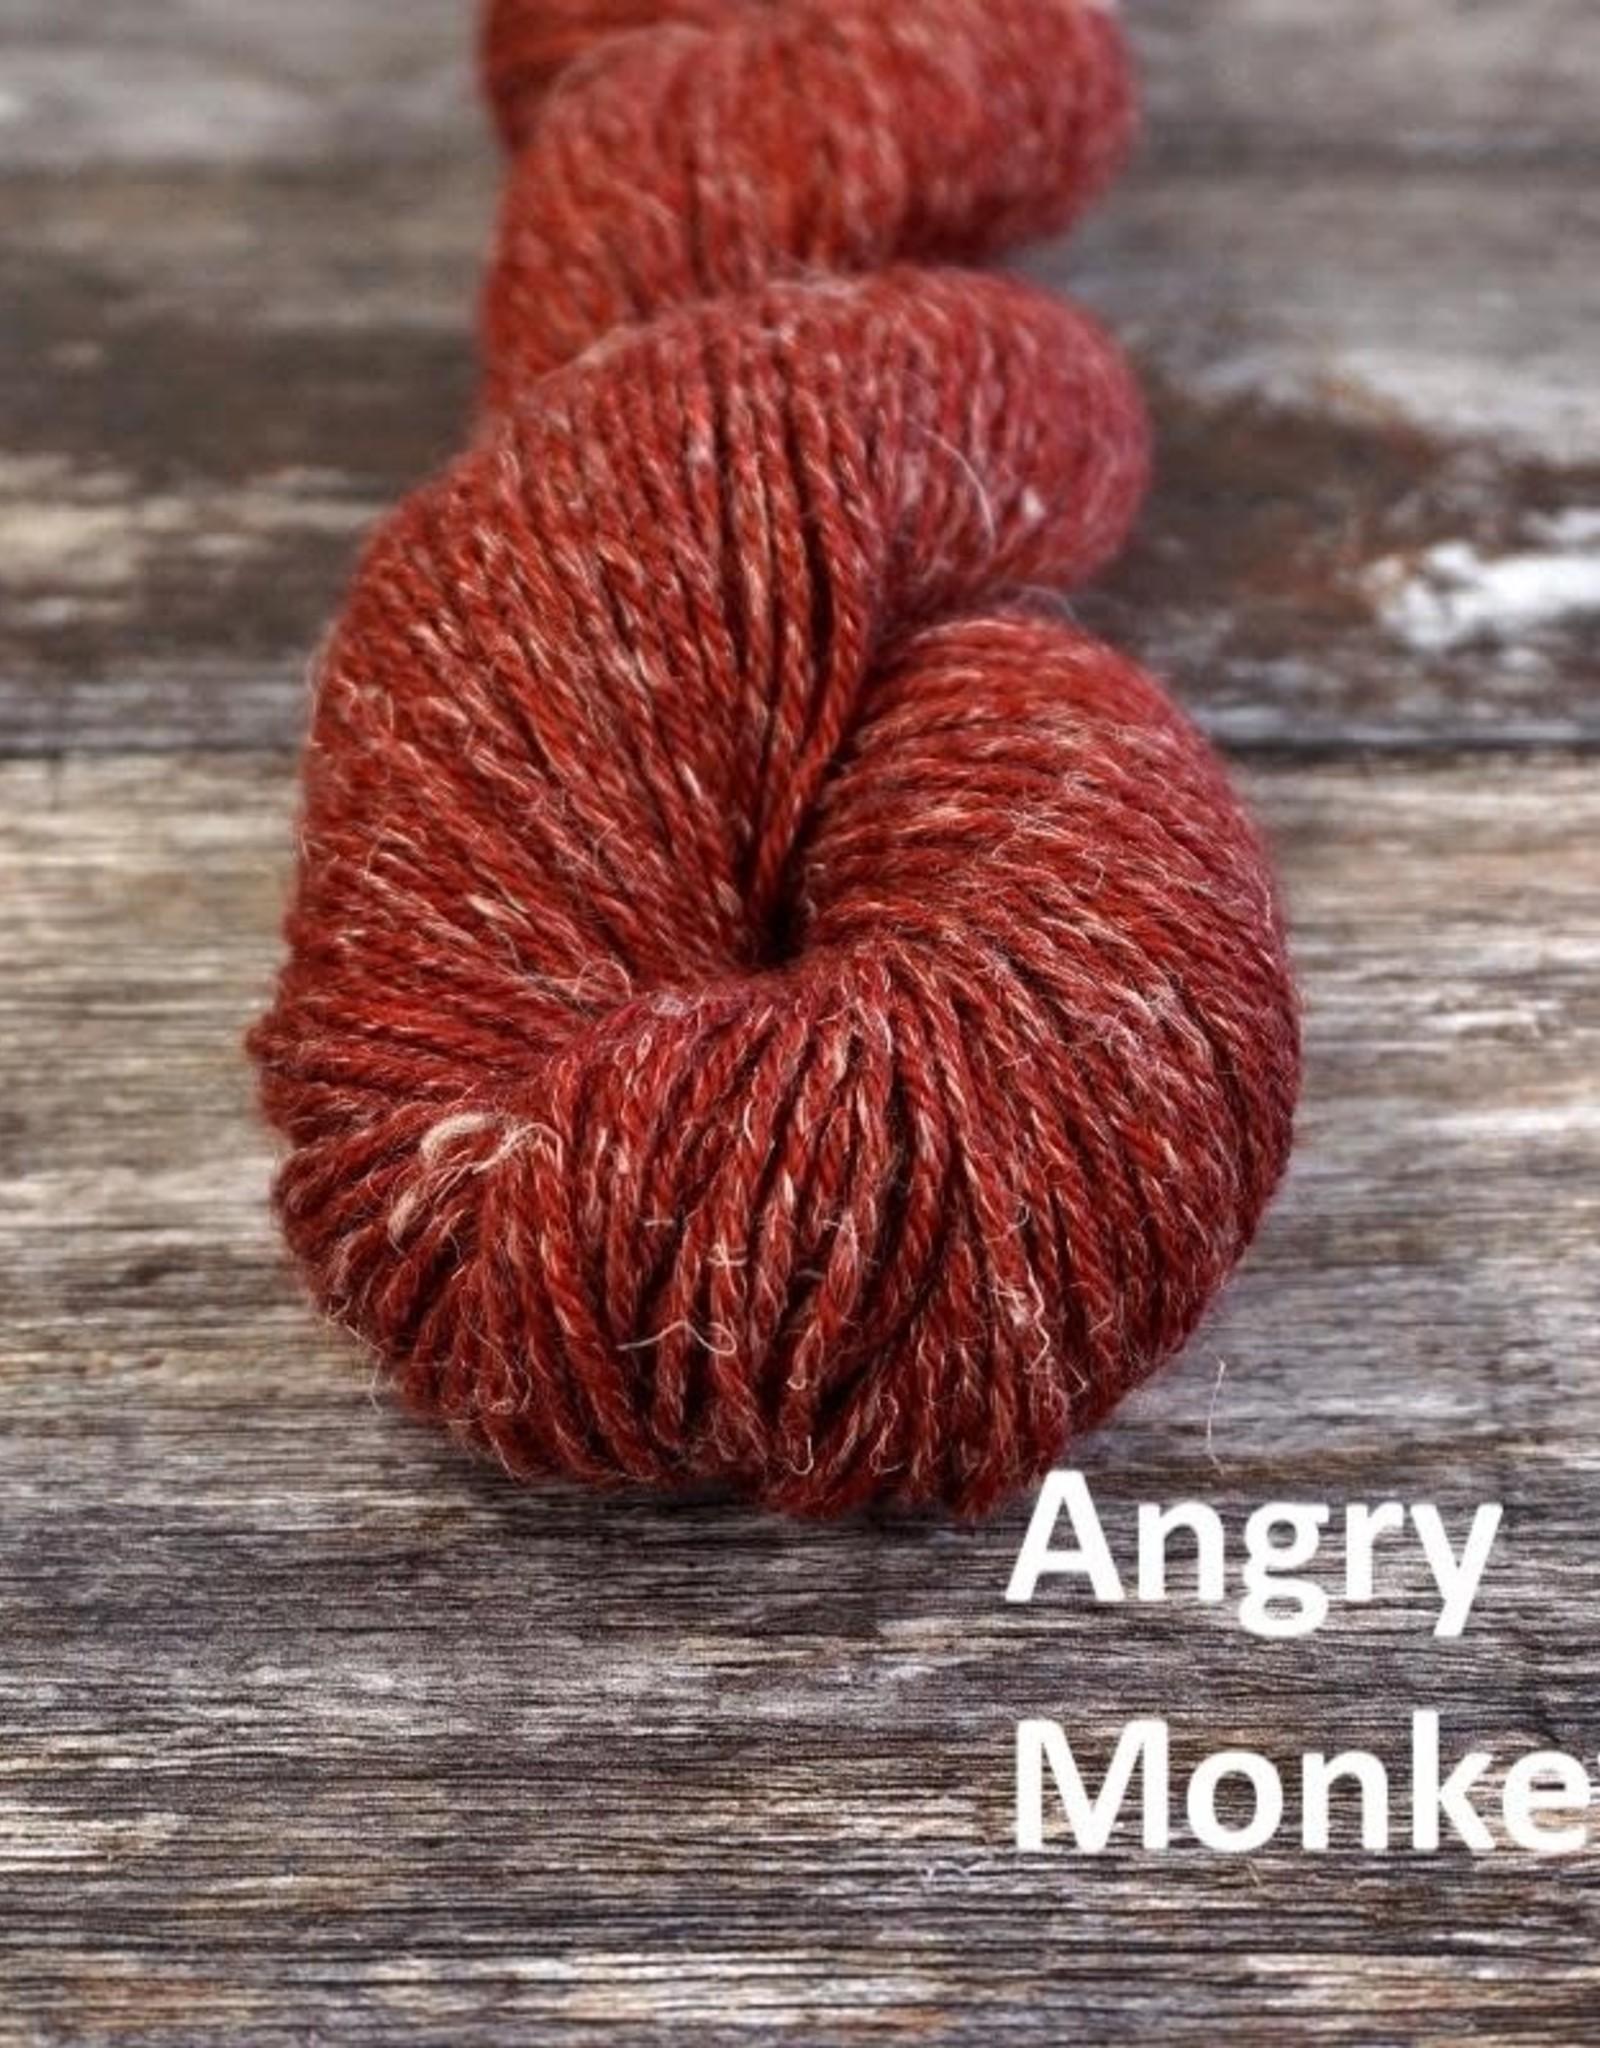 Nua - Angry Monkey 9807